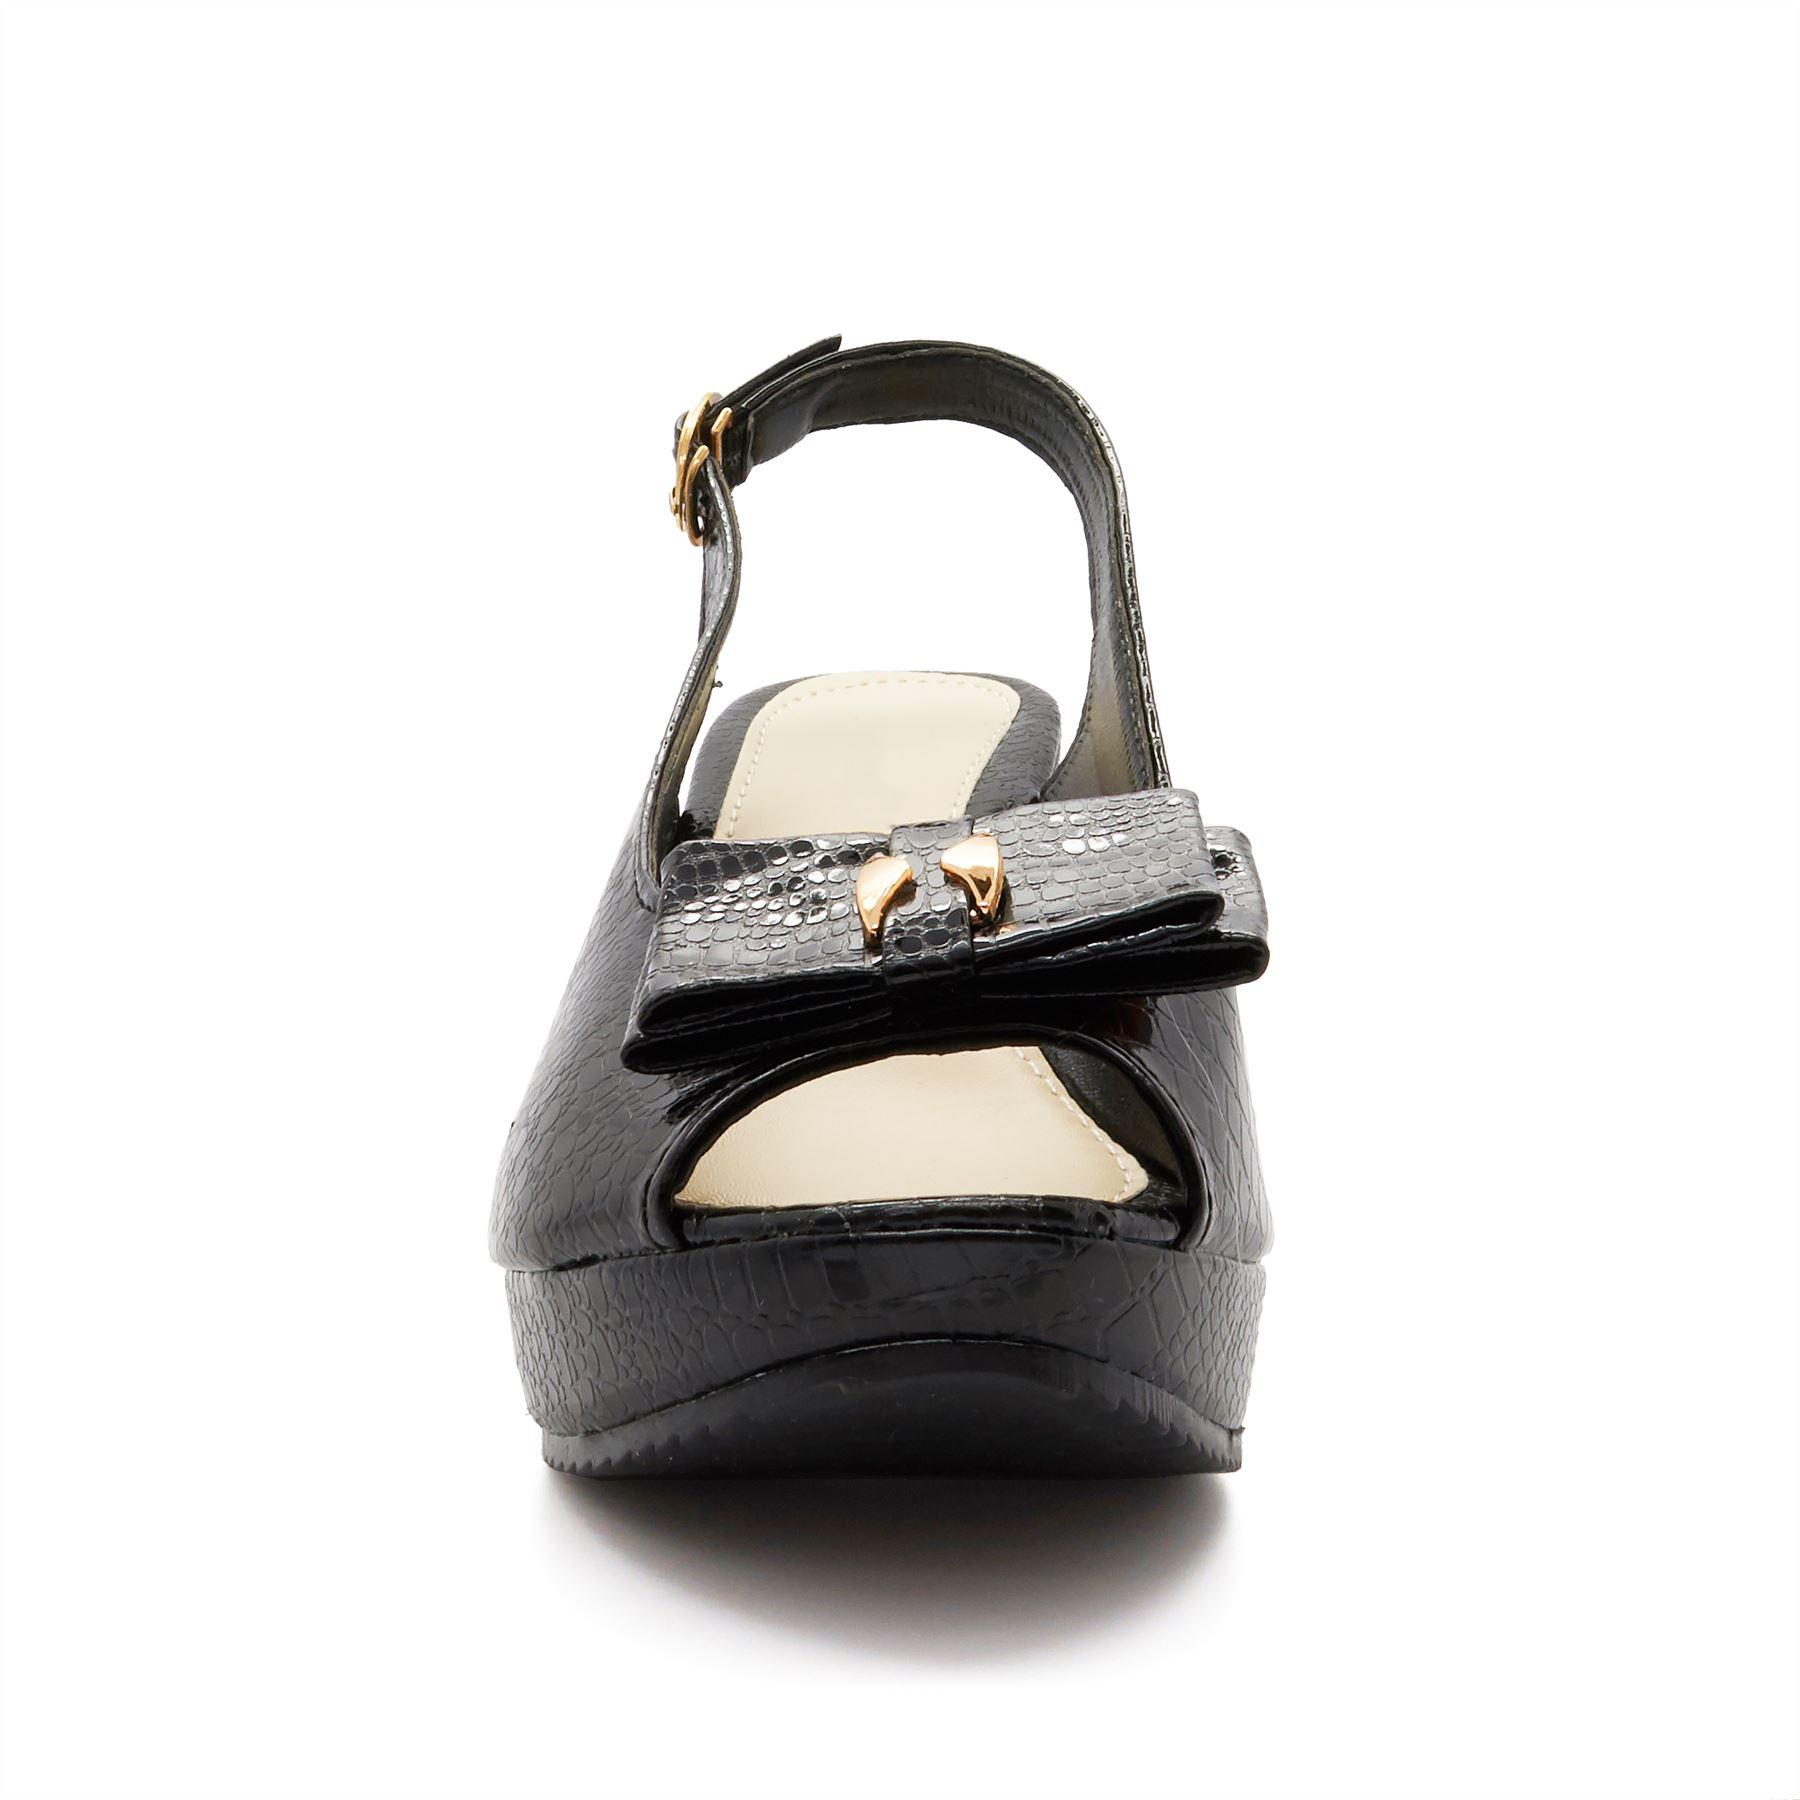 Nueva camiseta para Mujer Sandalias De Plataforma con Taco Alto Puntera abierta Correa Zapatos de verano señoras